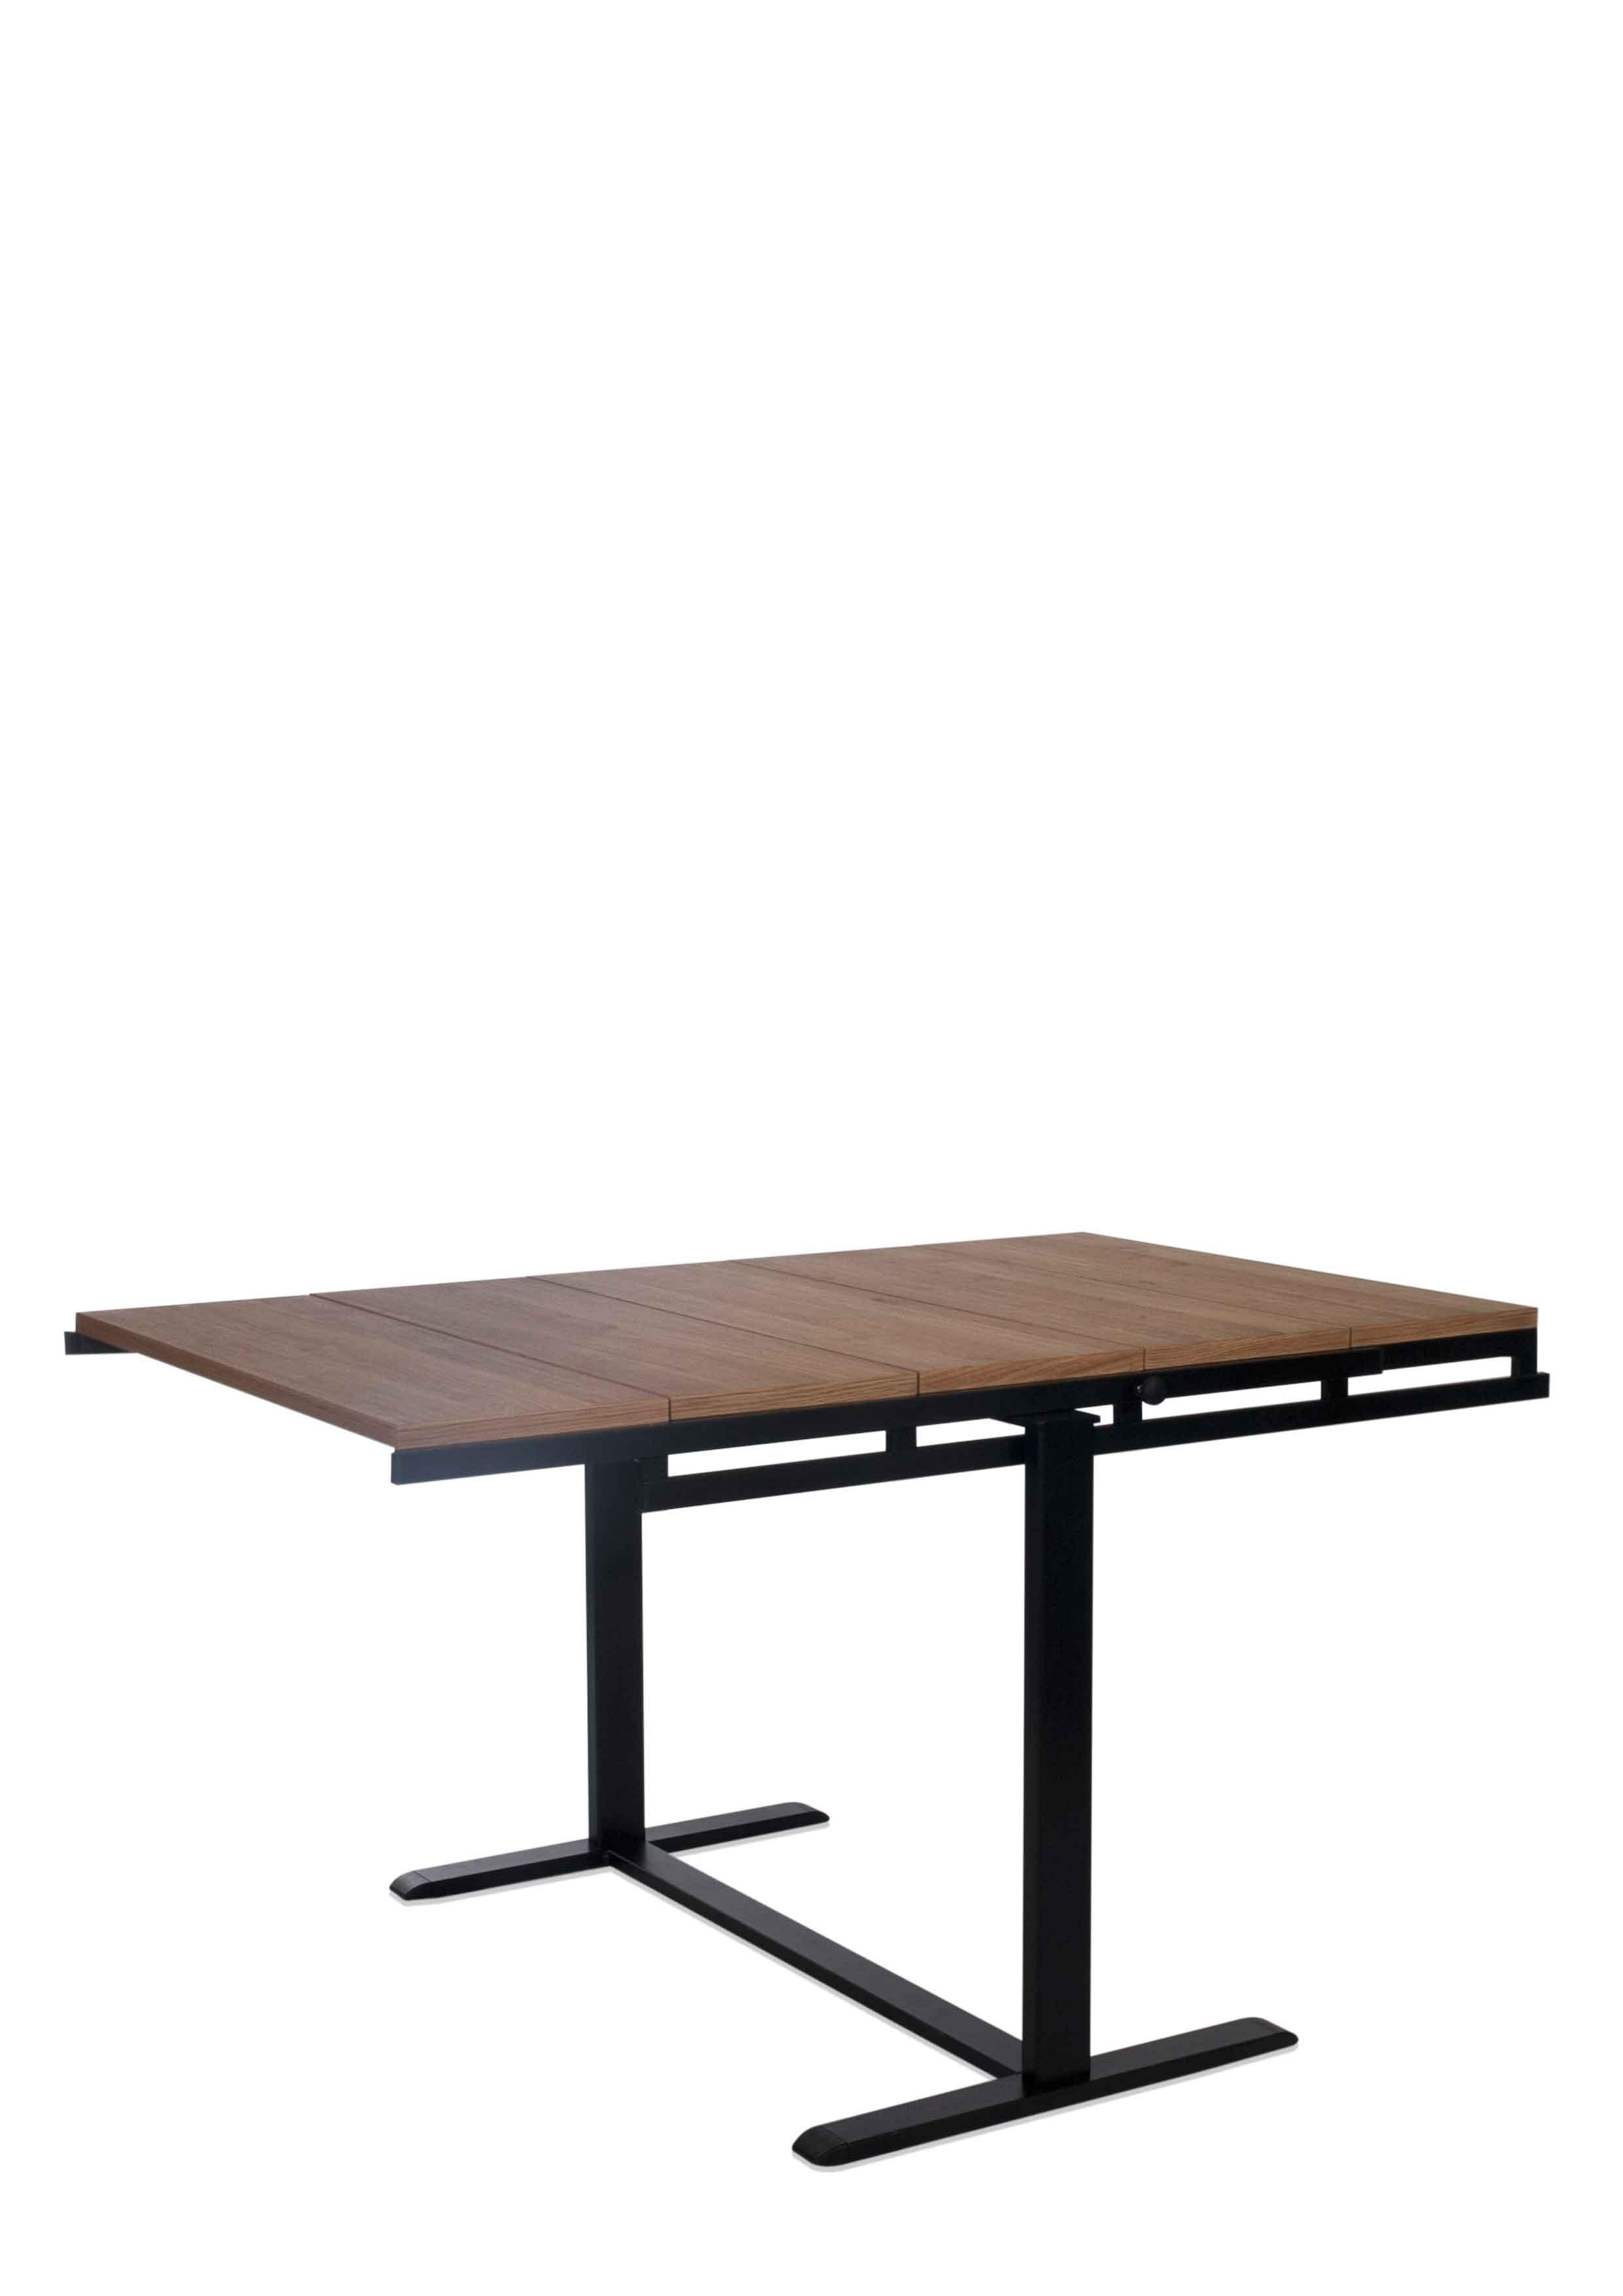 Esstisch oder Regal Wildeiche Furnier 651005-001